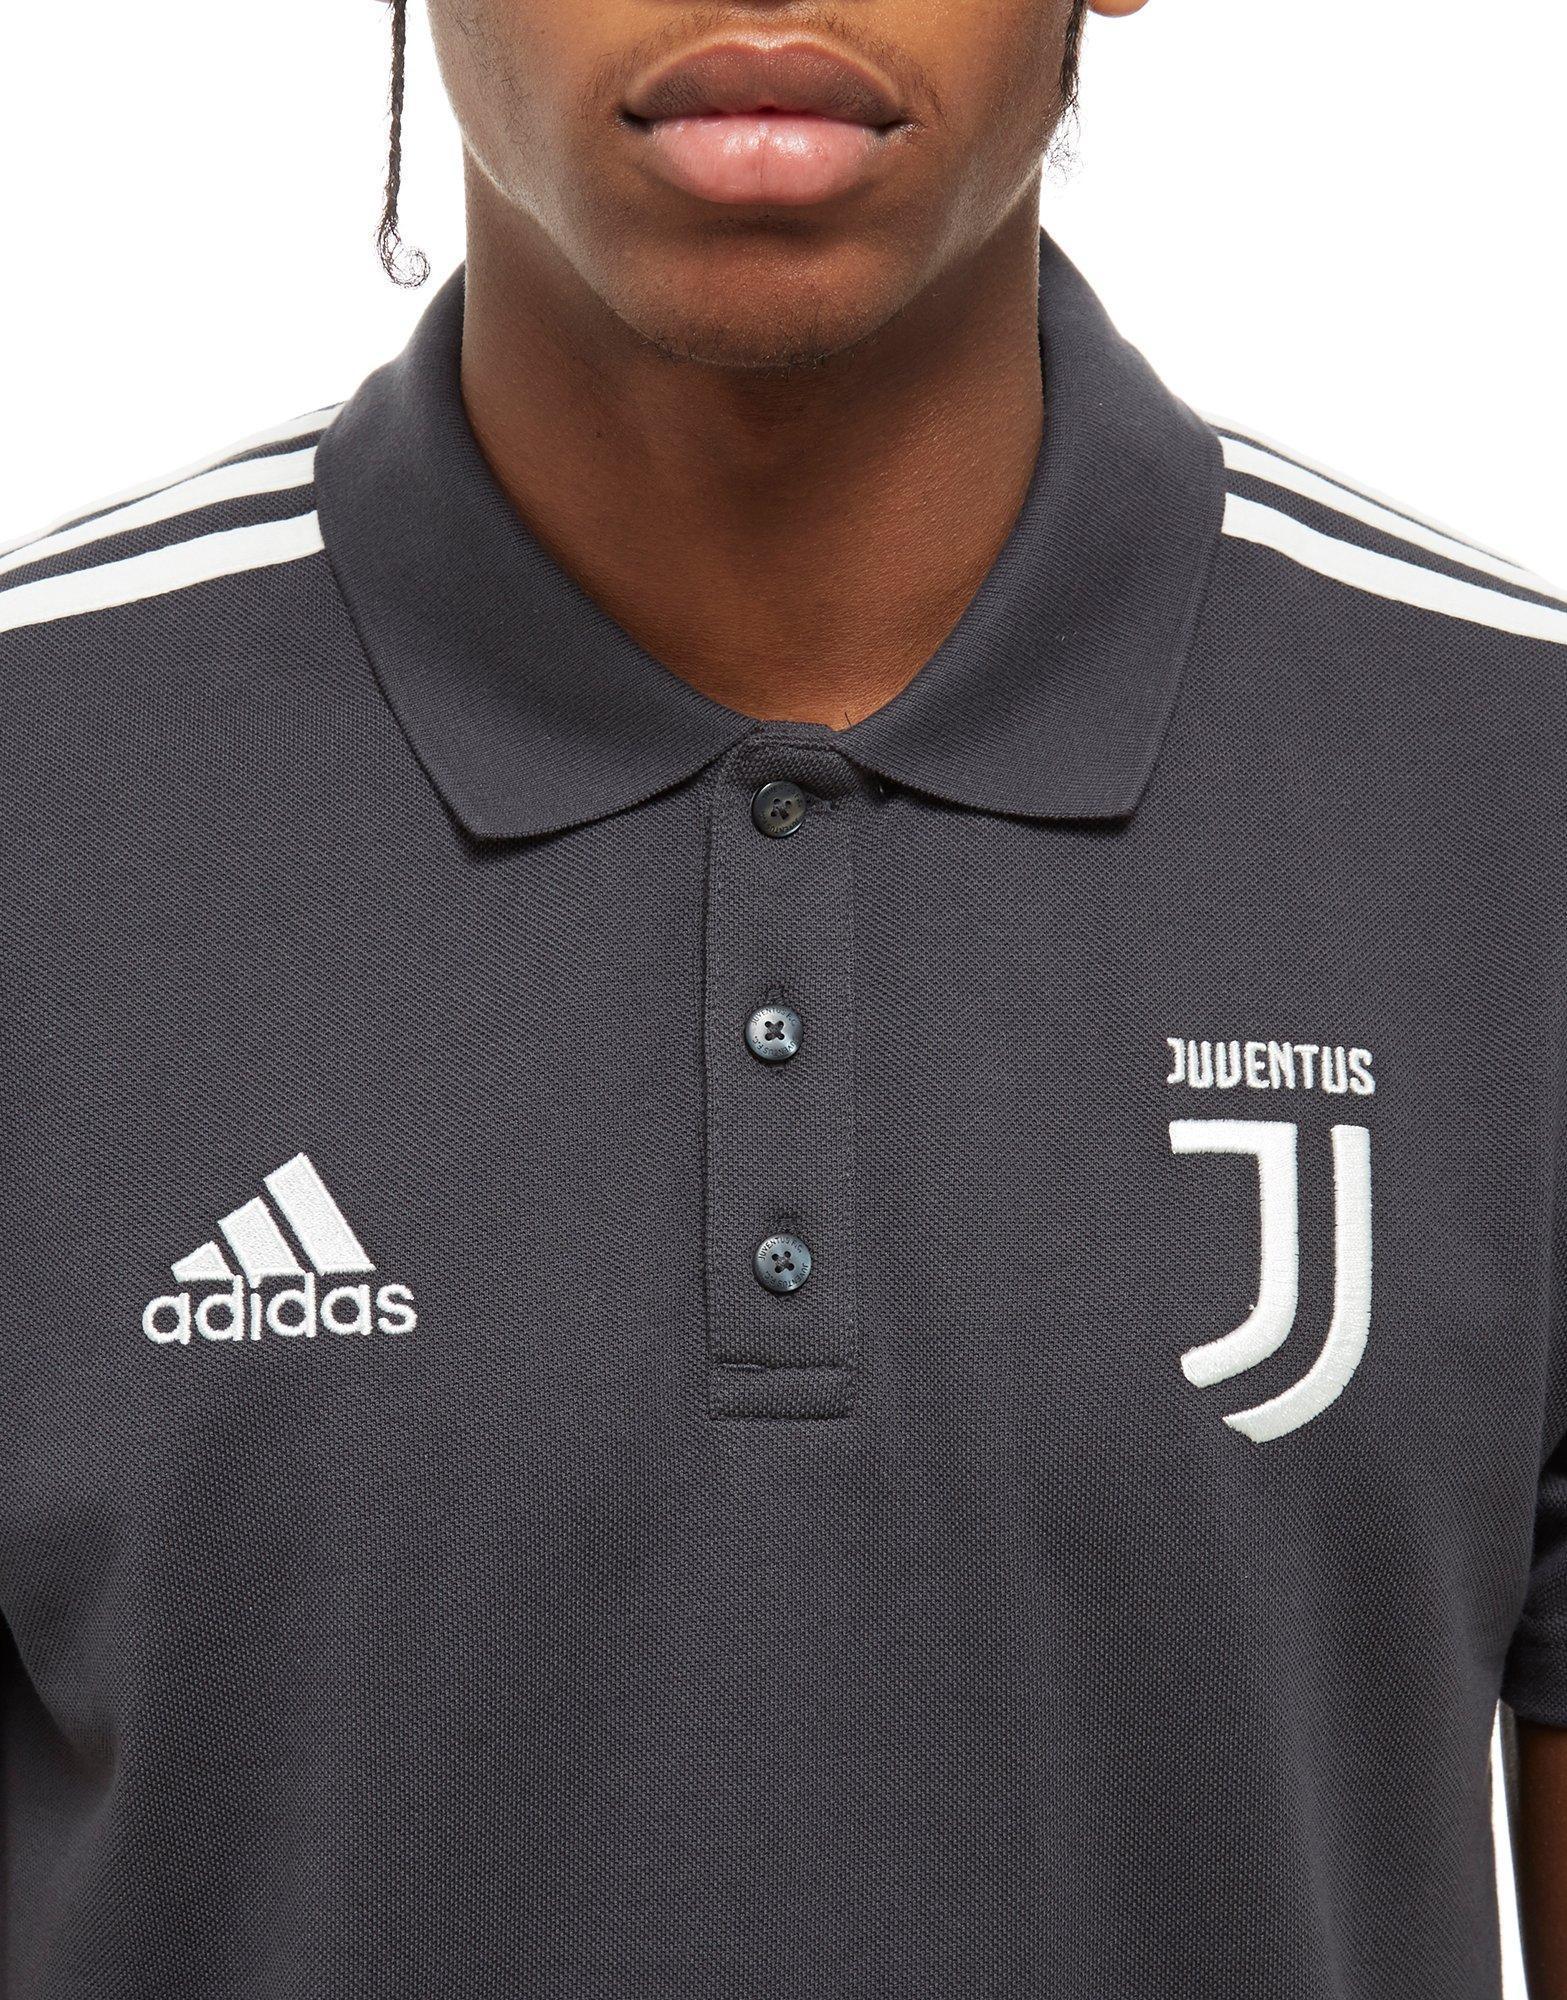 03651c0b2 adidas Juventus 3-stripe Polo Shirt in Gray for Men - Lyst